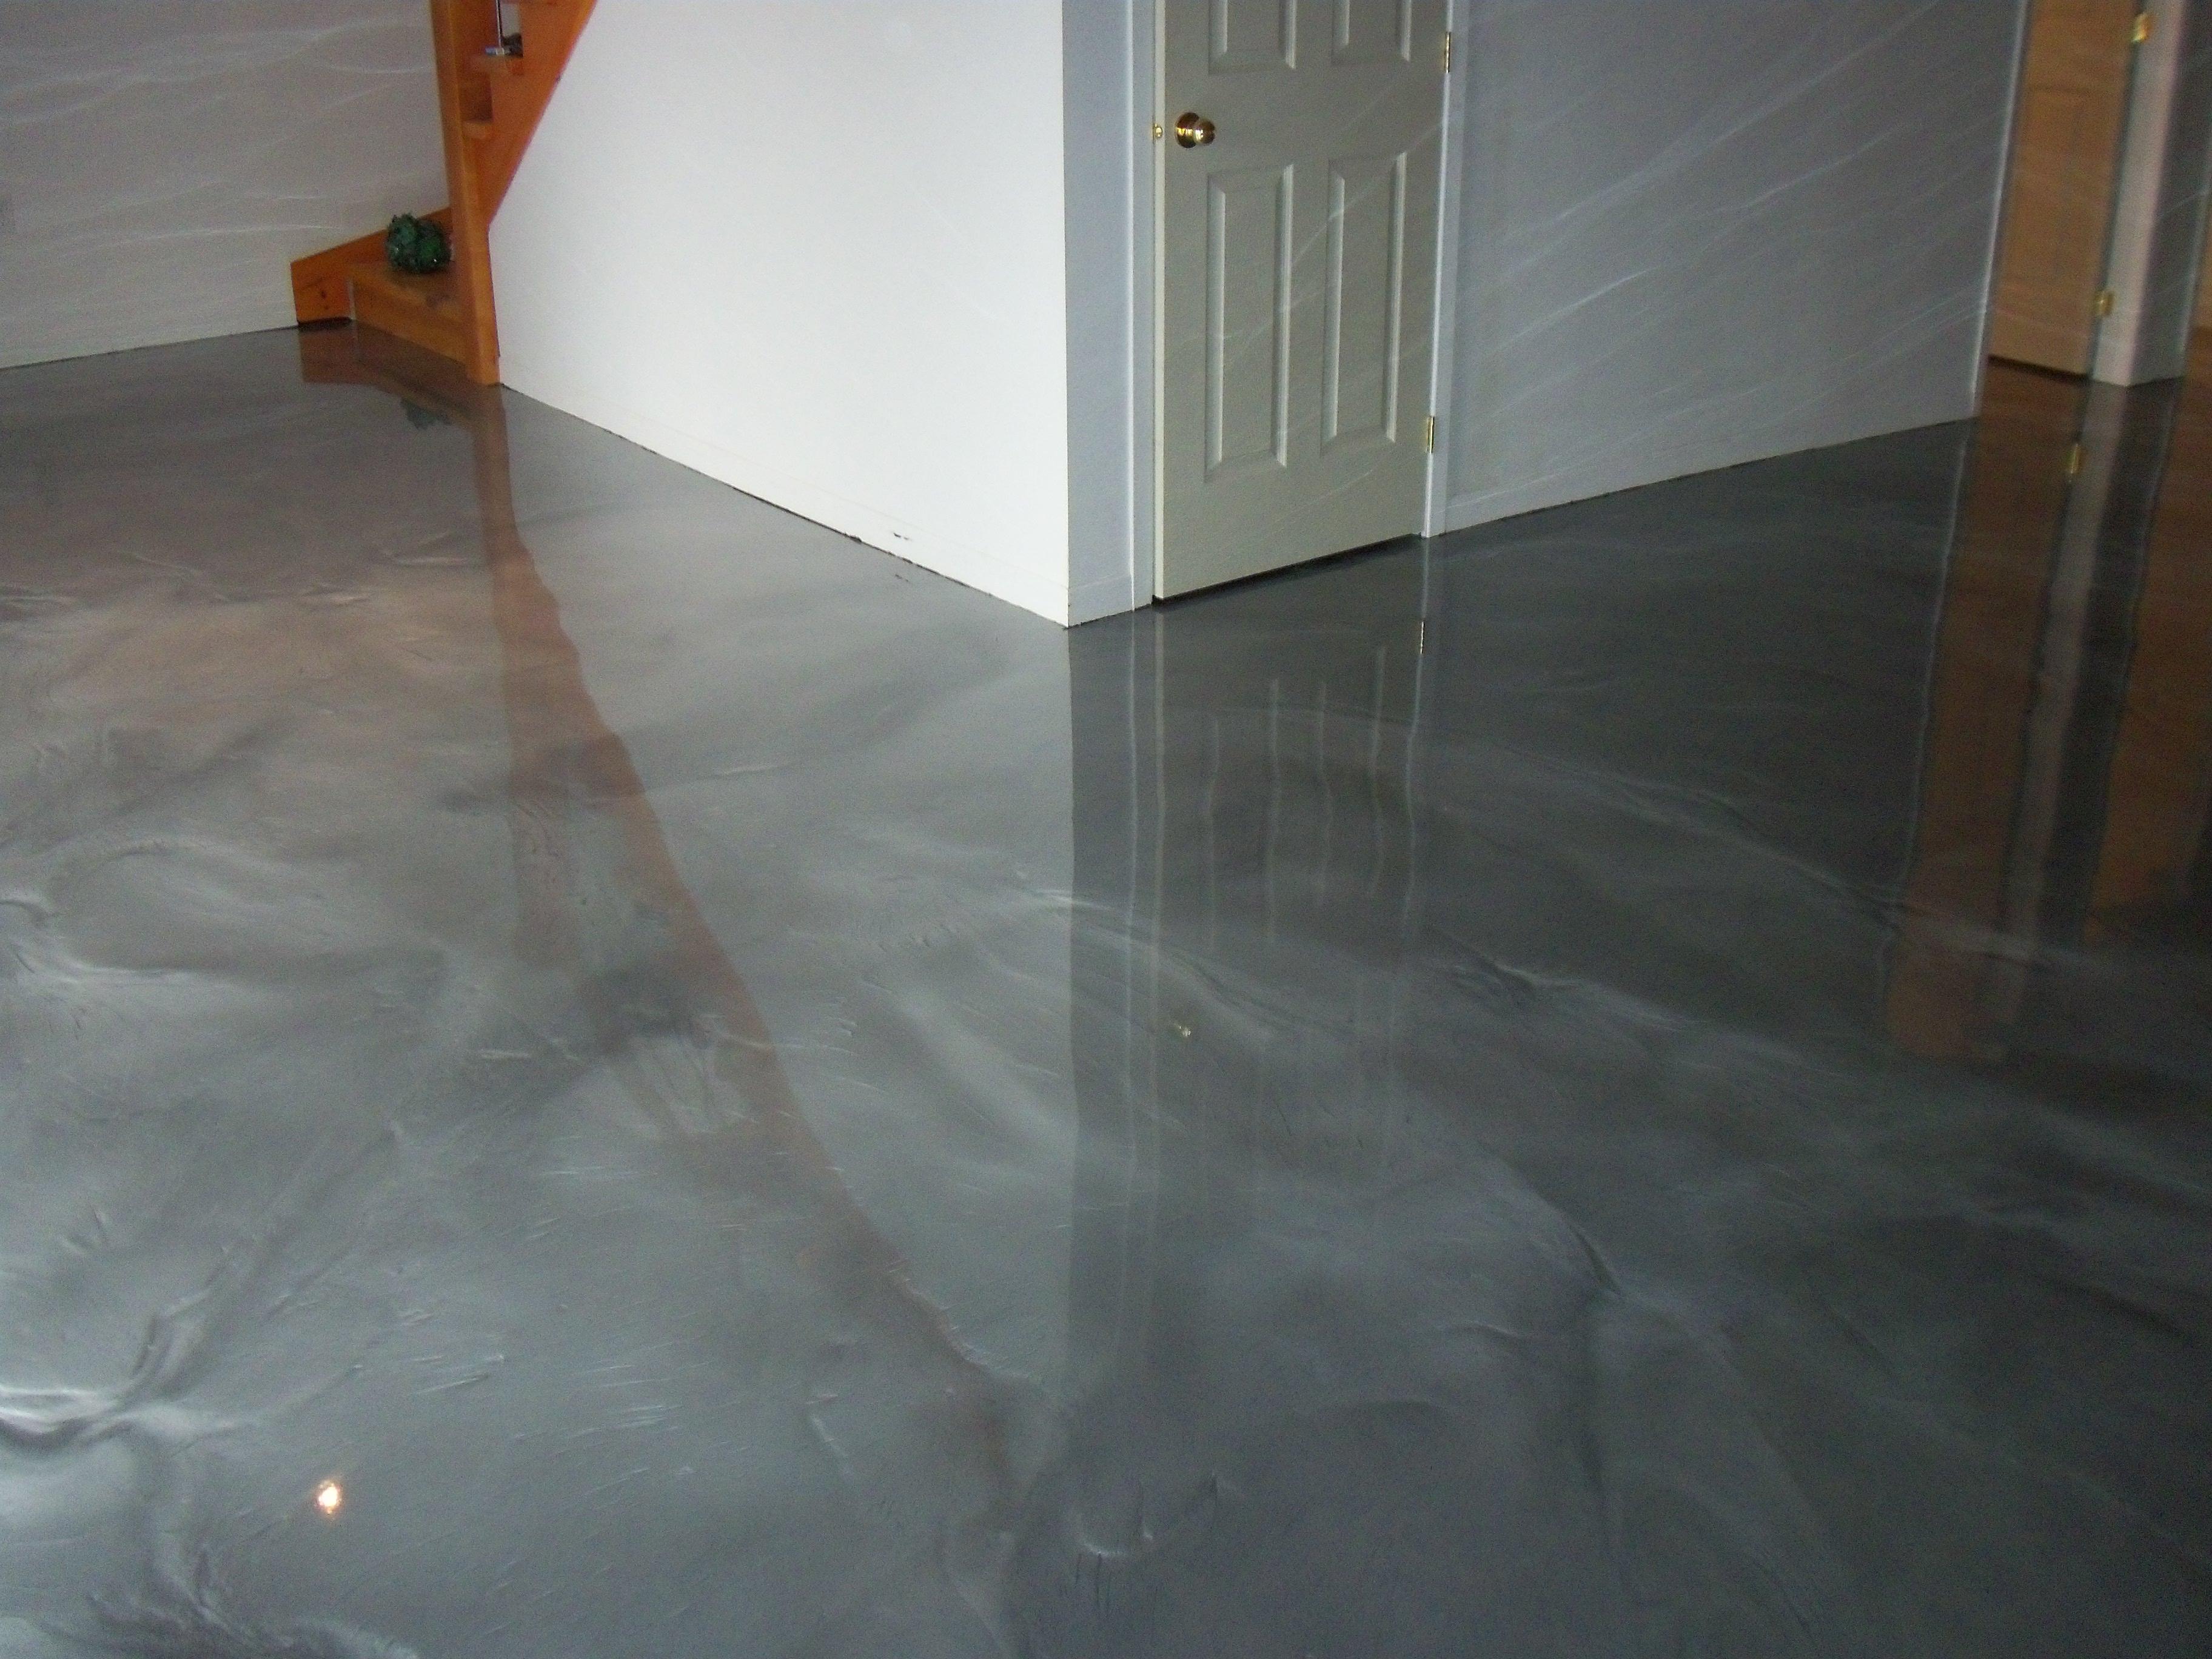 Peinture plancher garage epoxy 20170809163355 for Peinture pour ciment interieur